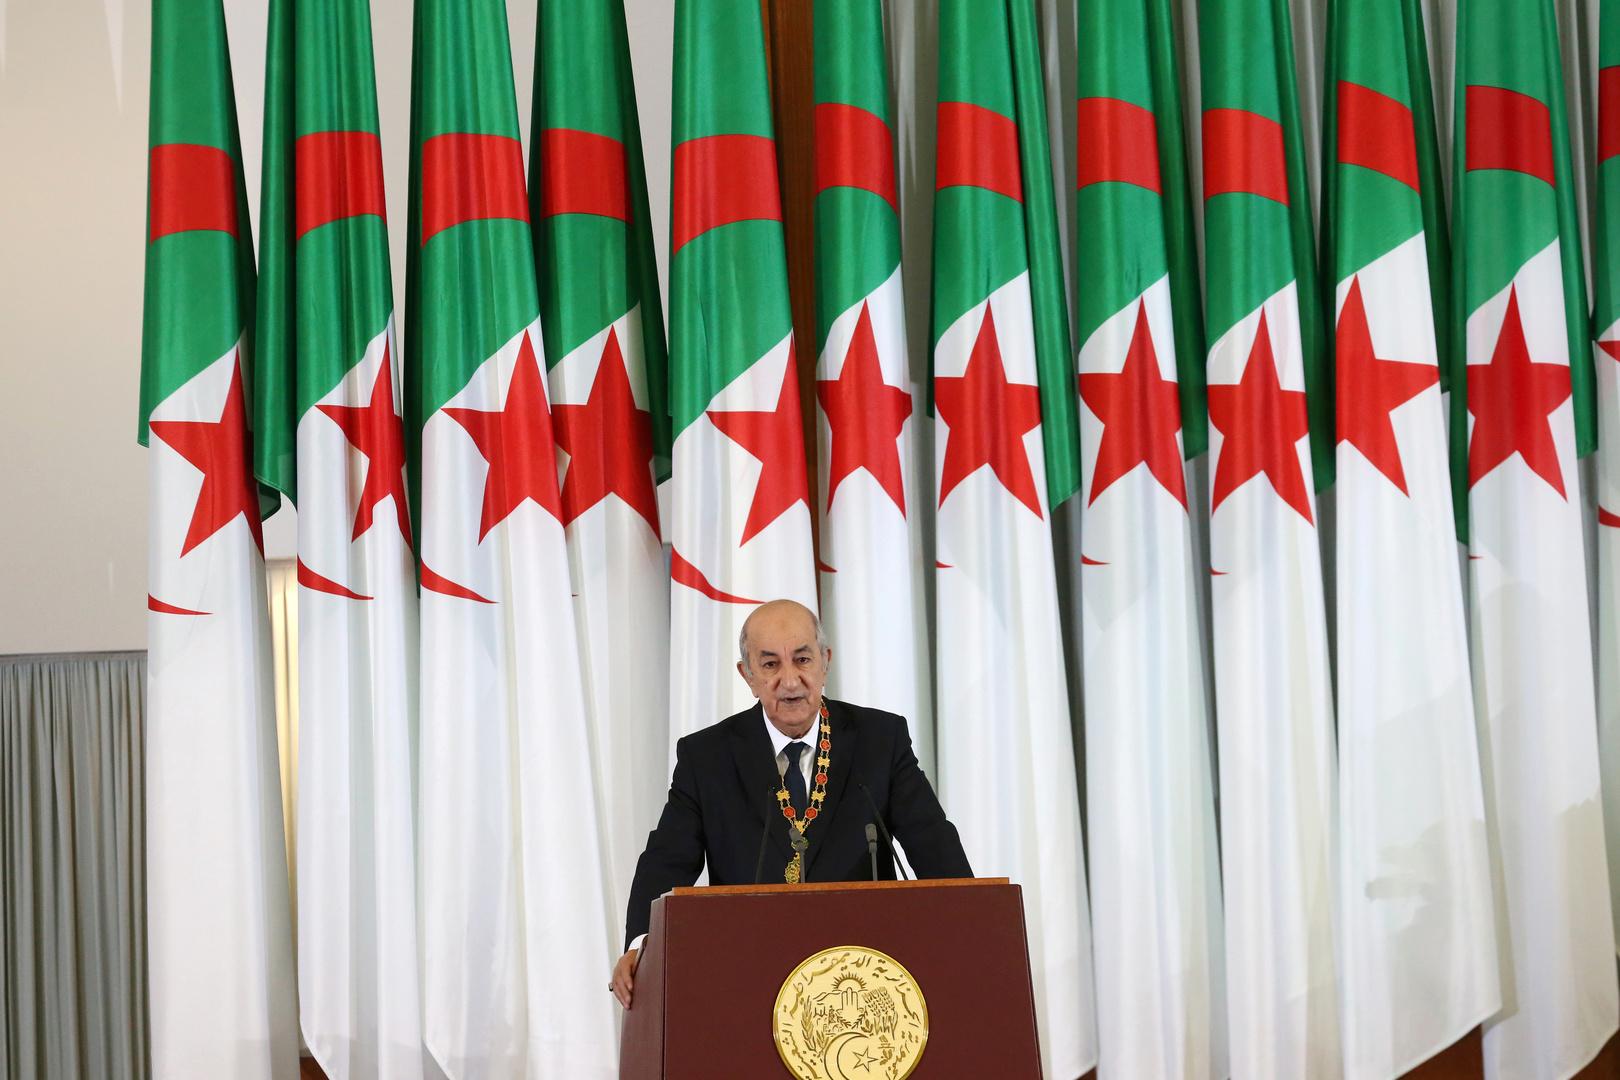 الرئيس الجزائري يحذر من محاولات استهداف بلاده